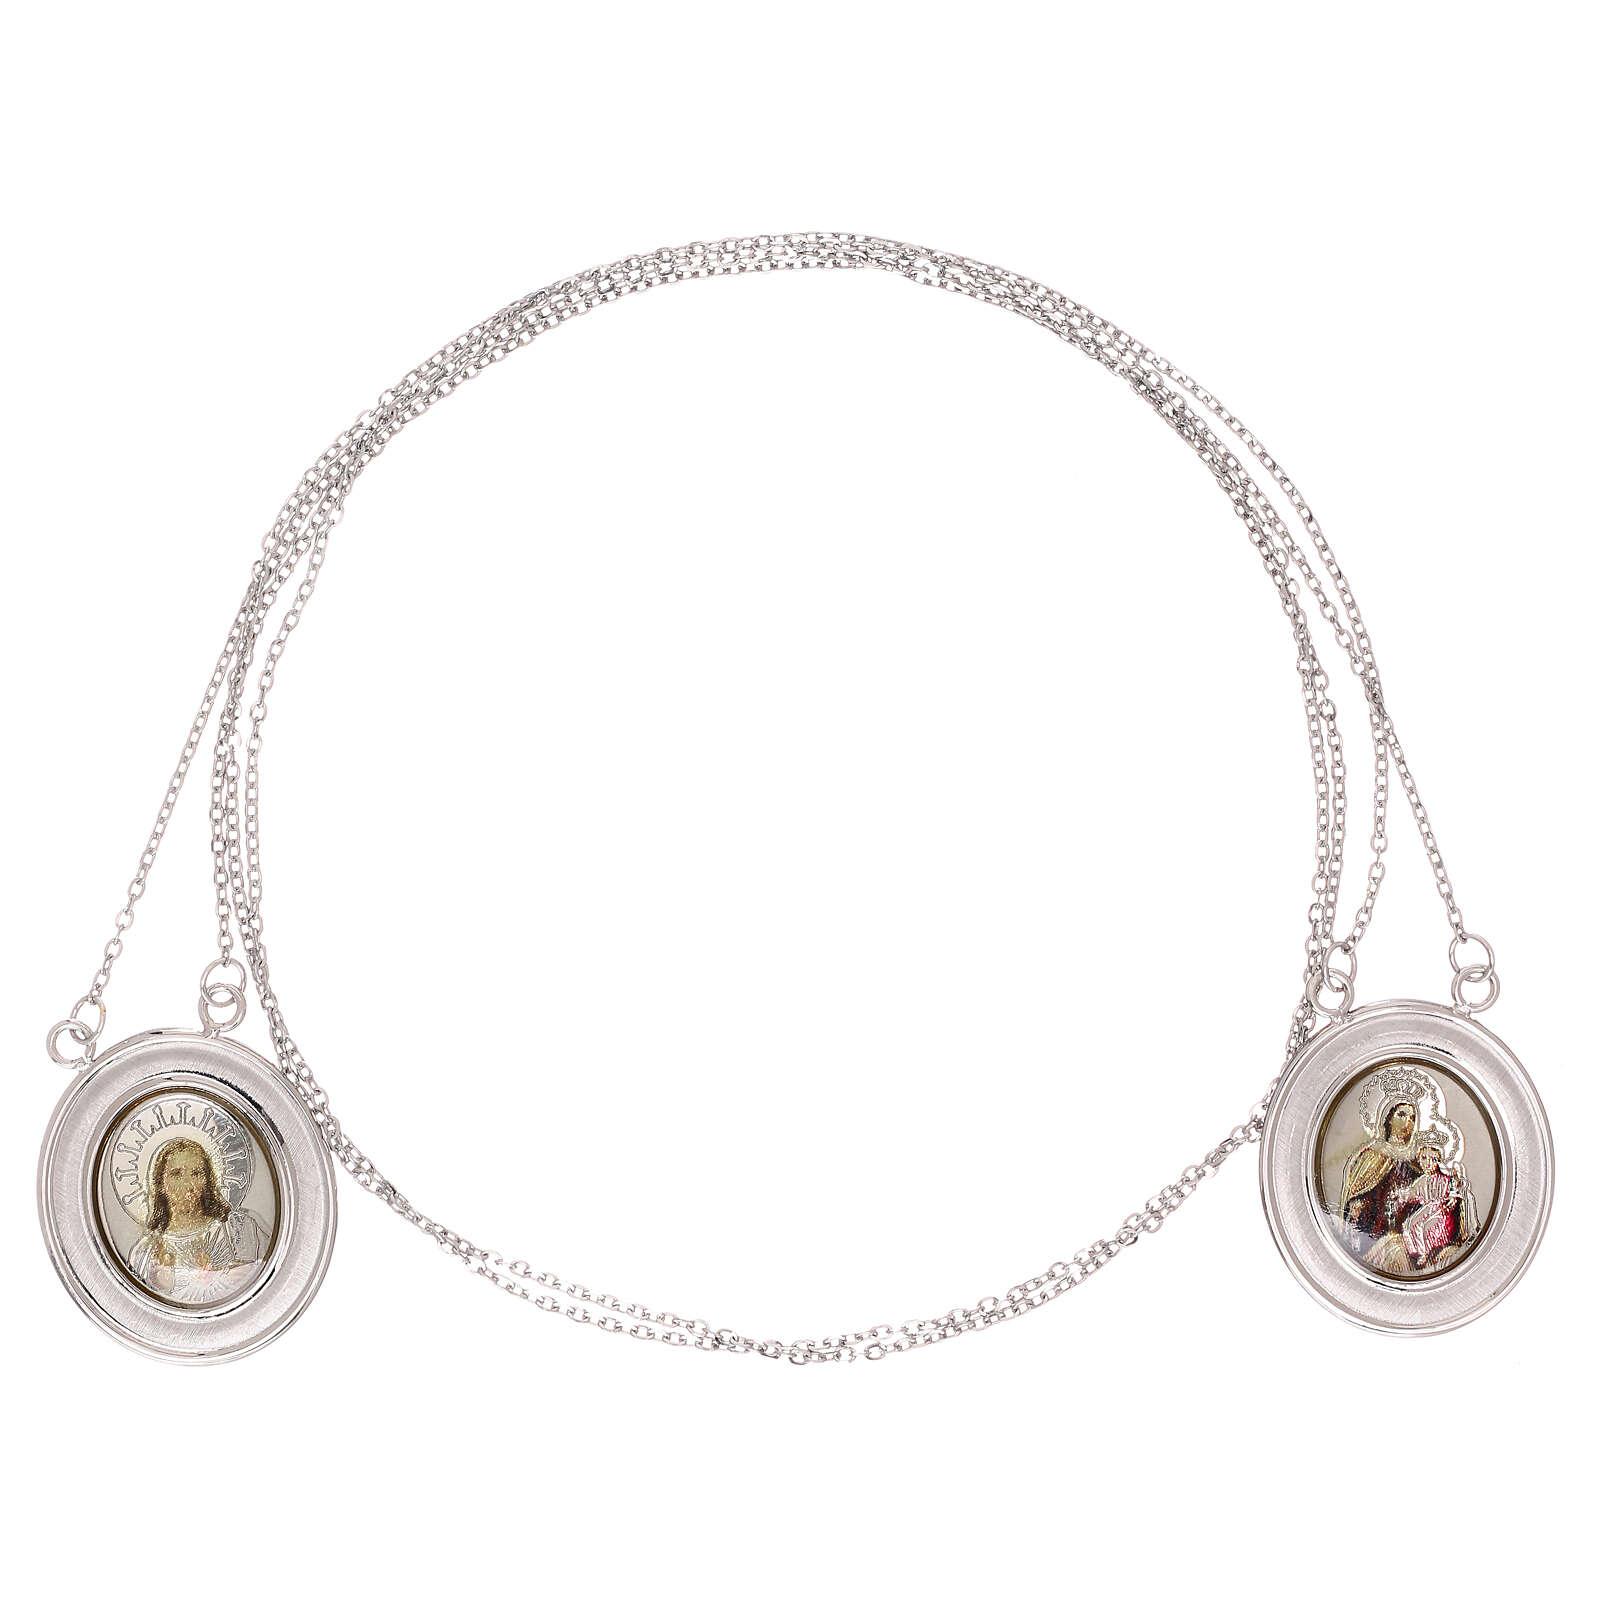 Vatican scapular color images 18-carat white gold 4.8 gr 4